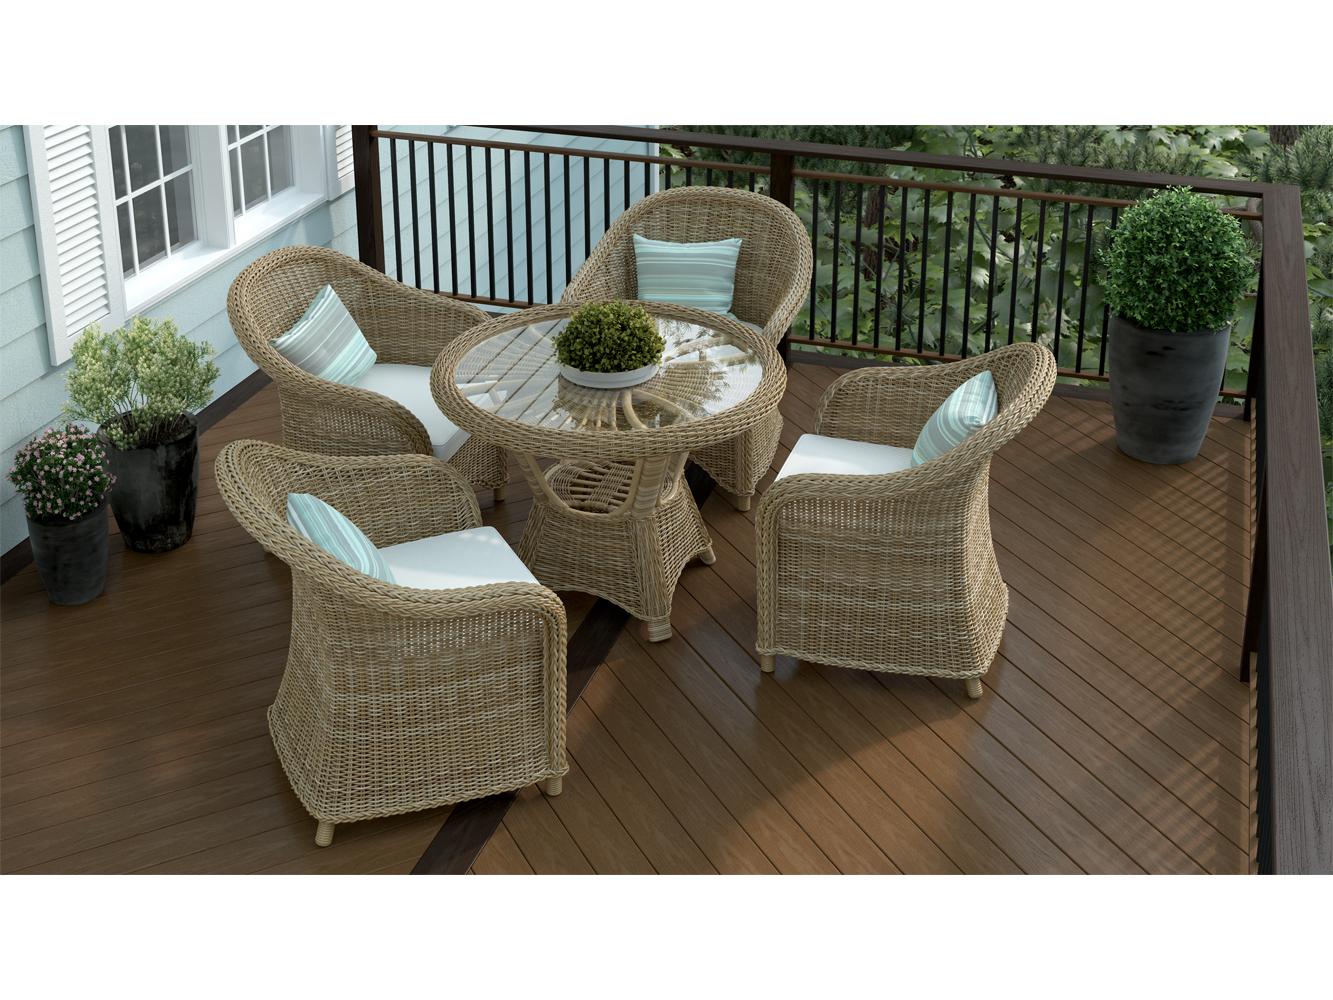 pix-us-cg-rattan-furniture